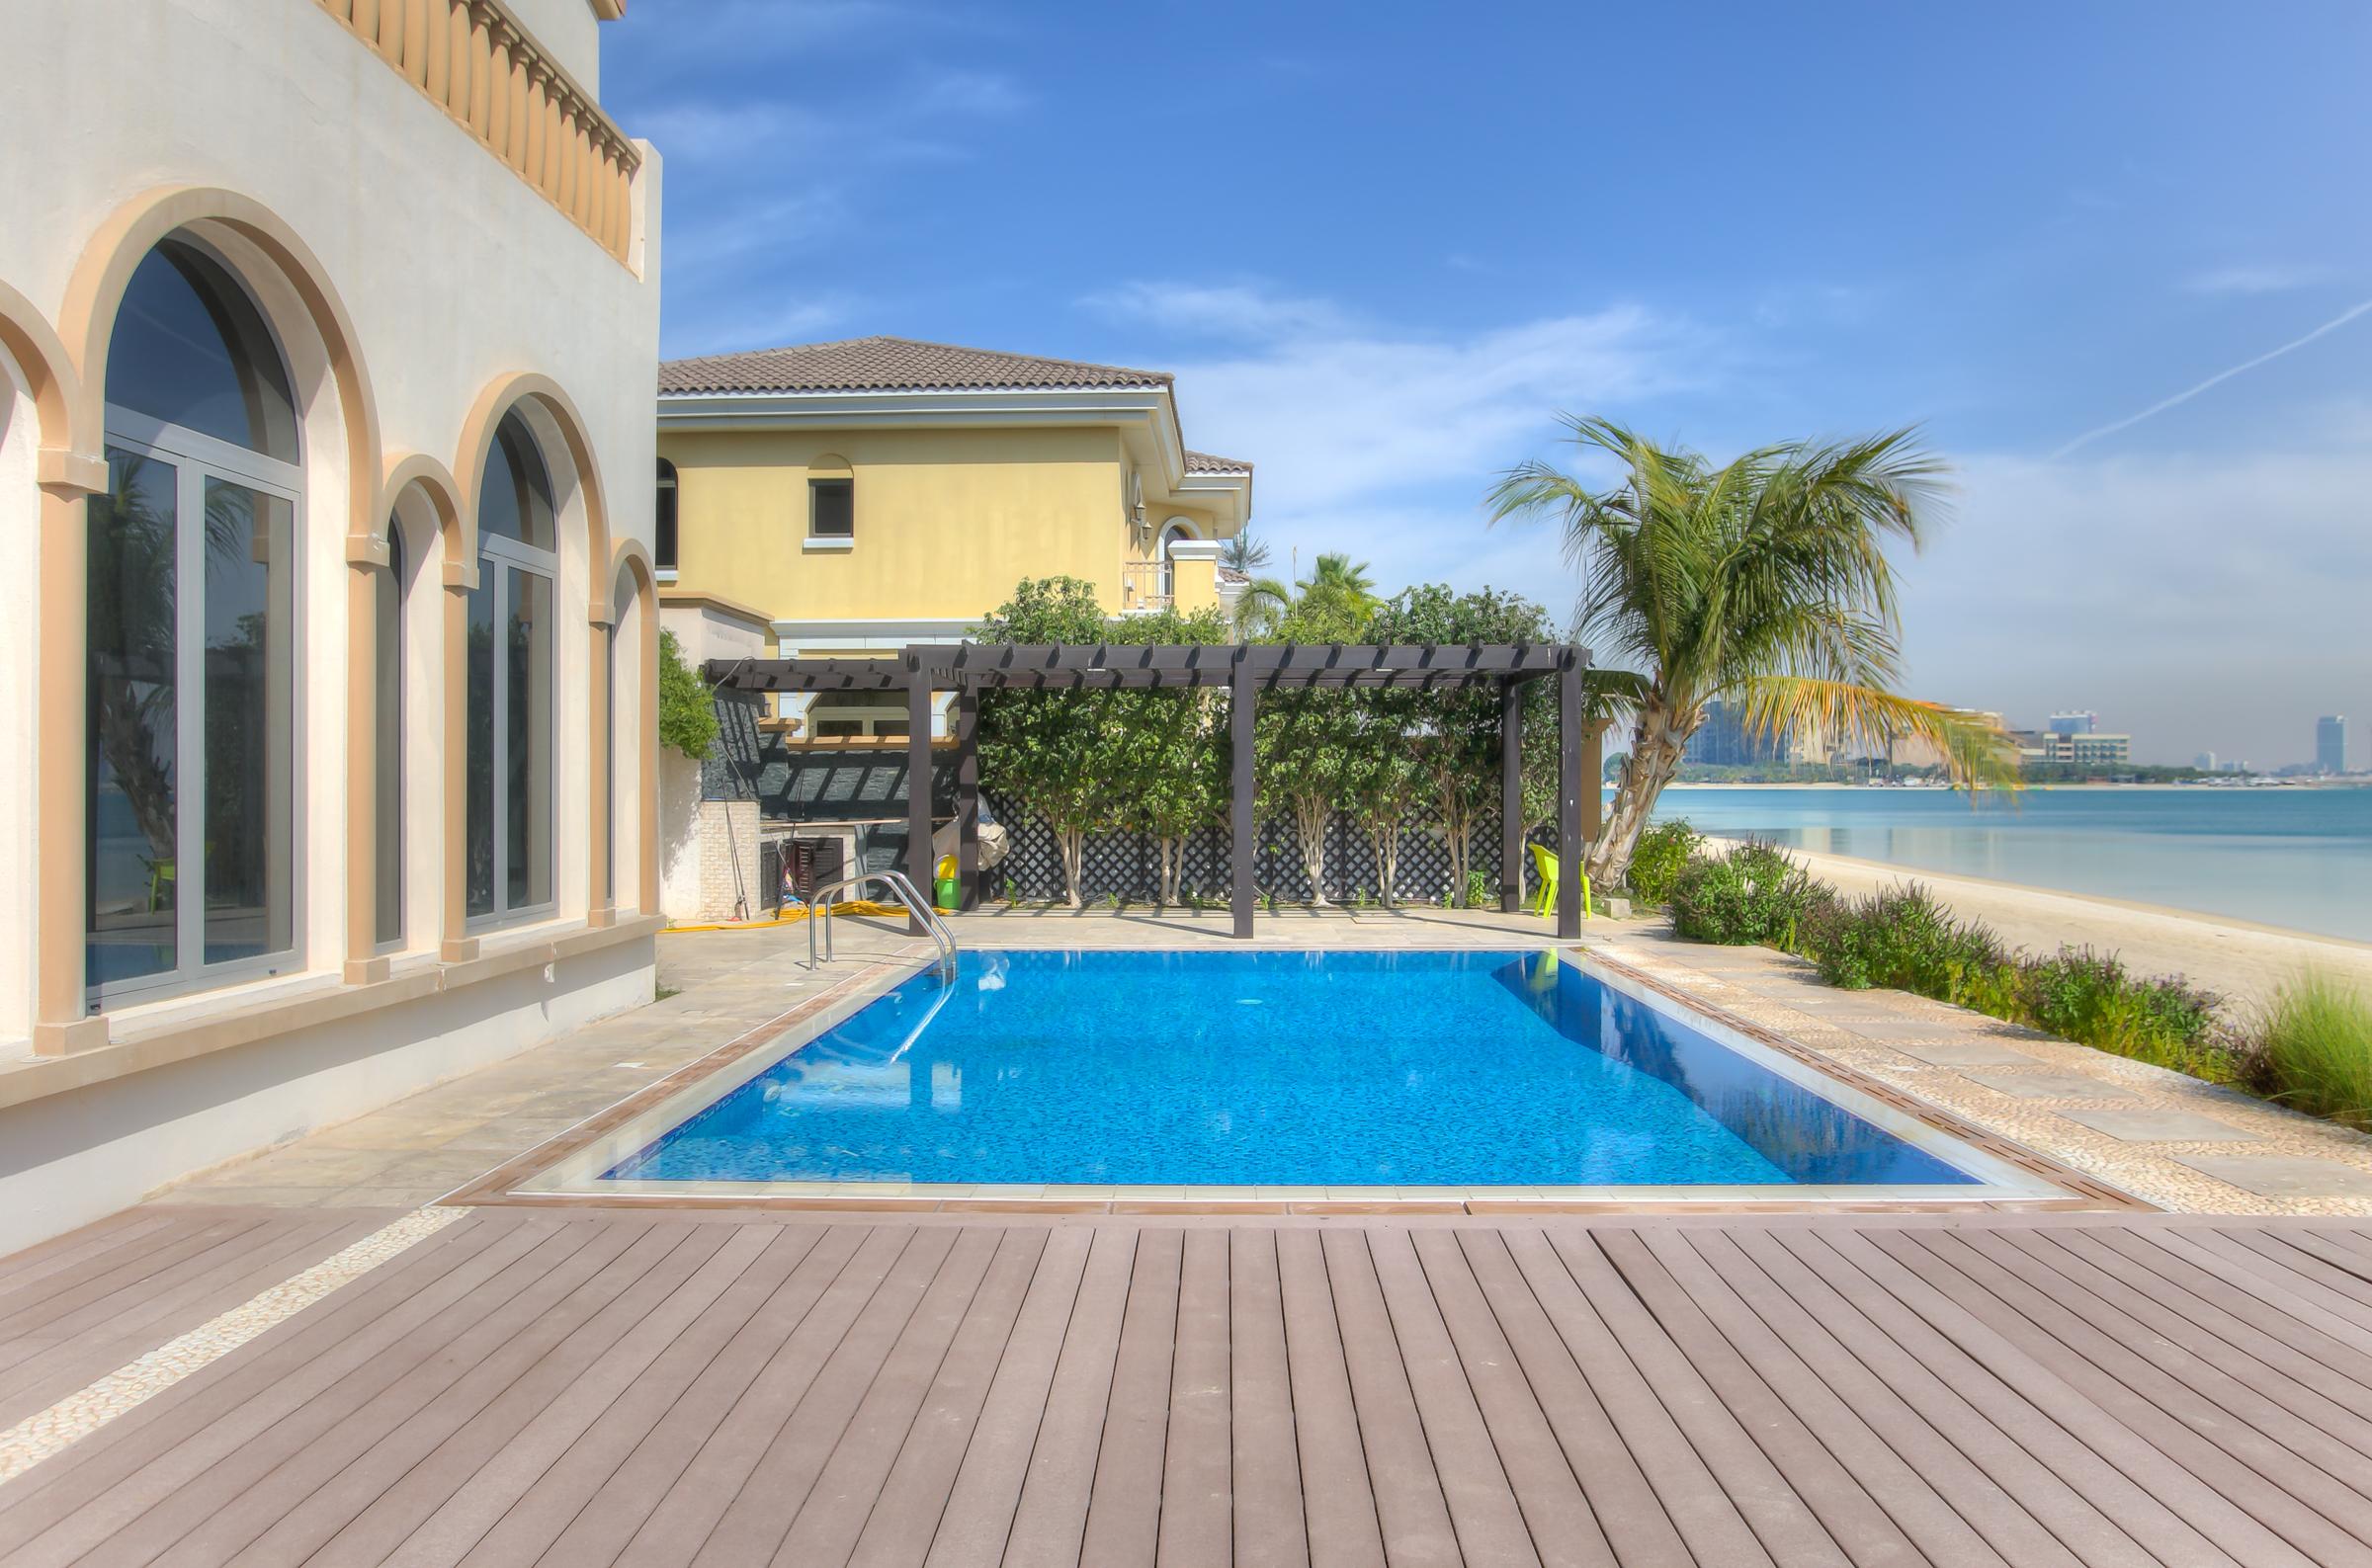 Moradia para Venda às Gallery view tip signature villa Dubai, Emirados Árabes Unidos